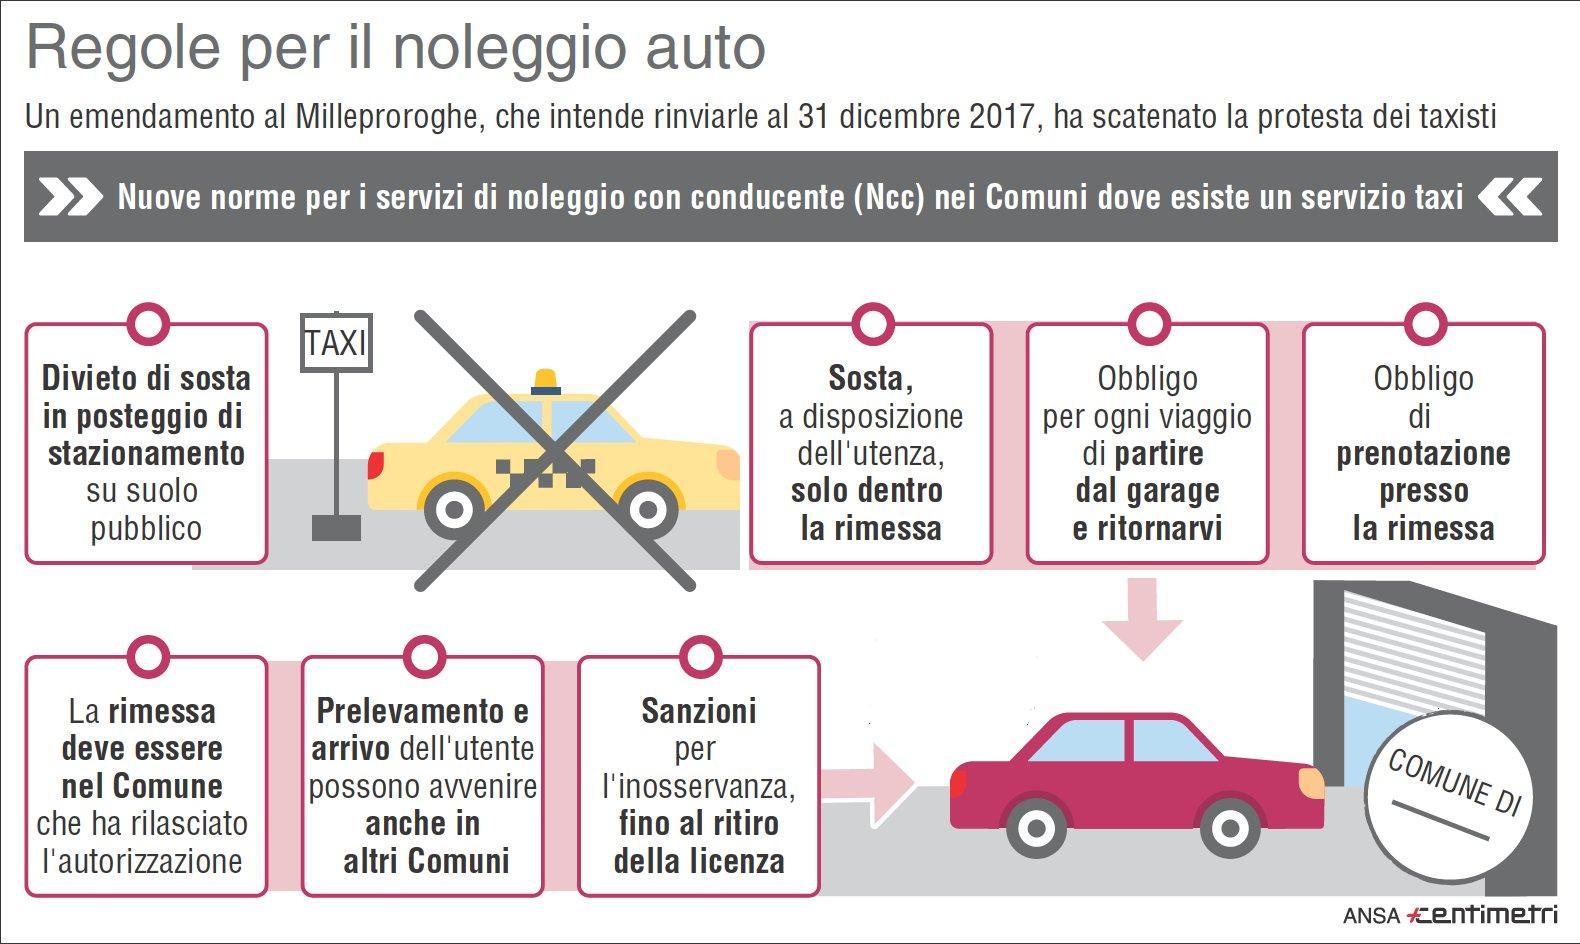 Milleproroghe, le regole per taxi e noleggio auto